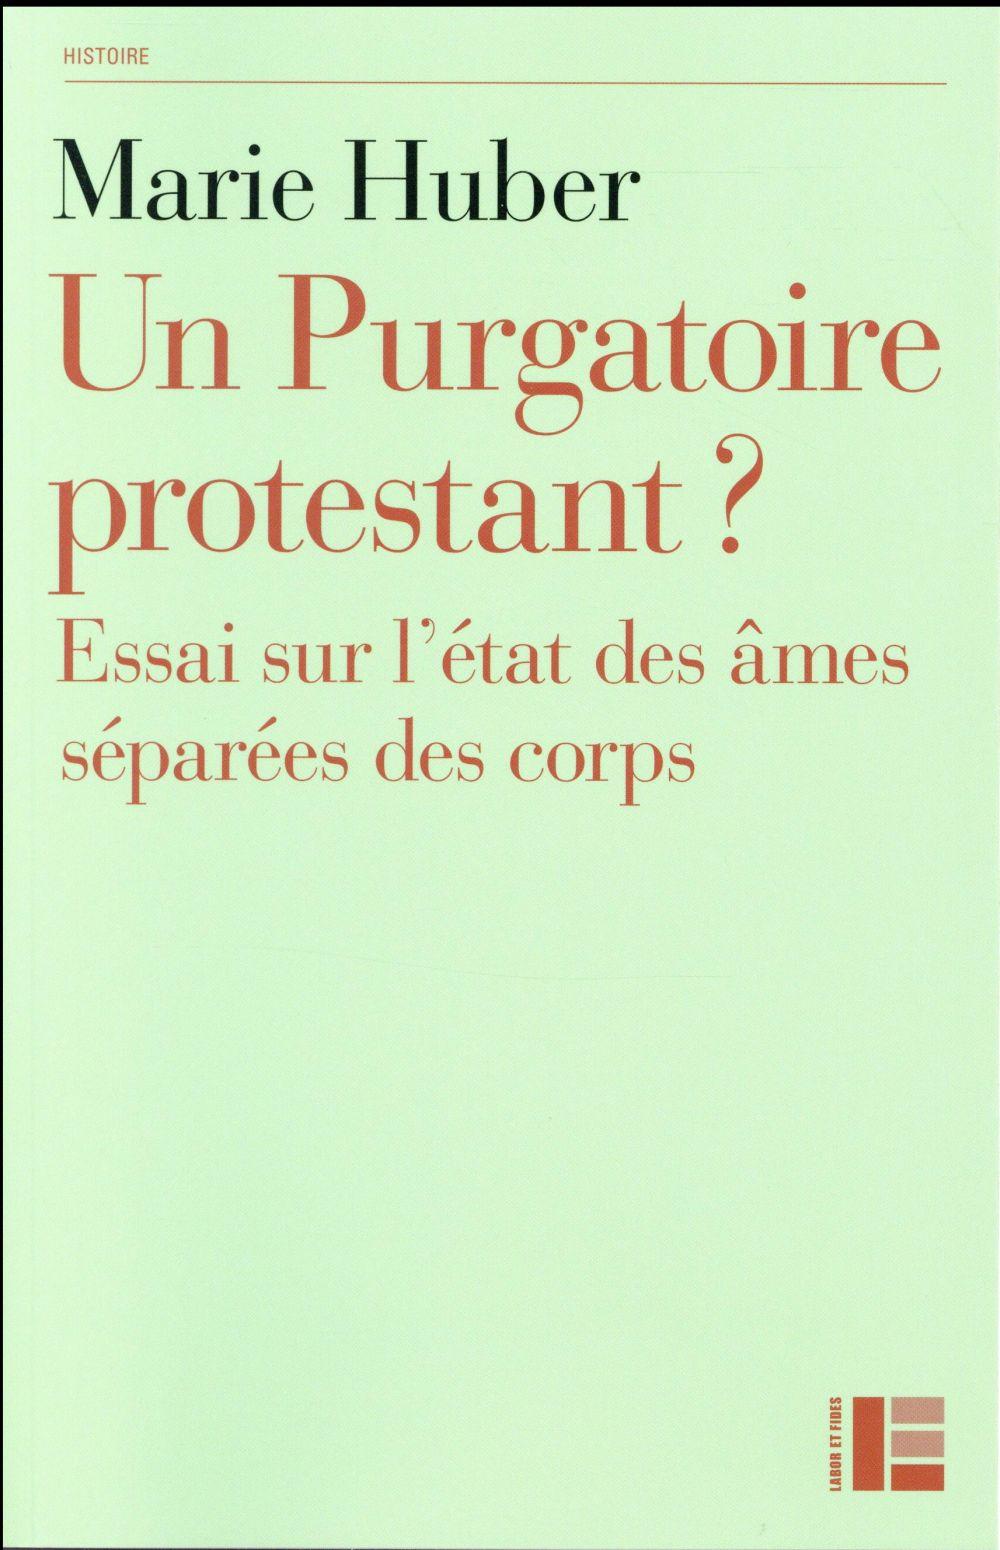 Un purgatoire protestant ? essai sur l'état des âmes séparées du corps